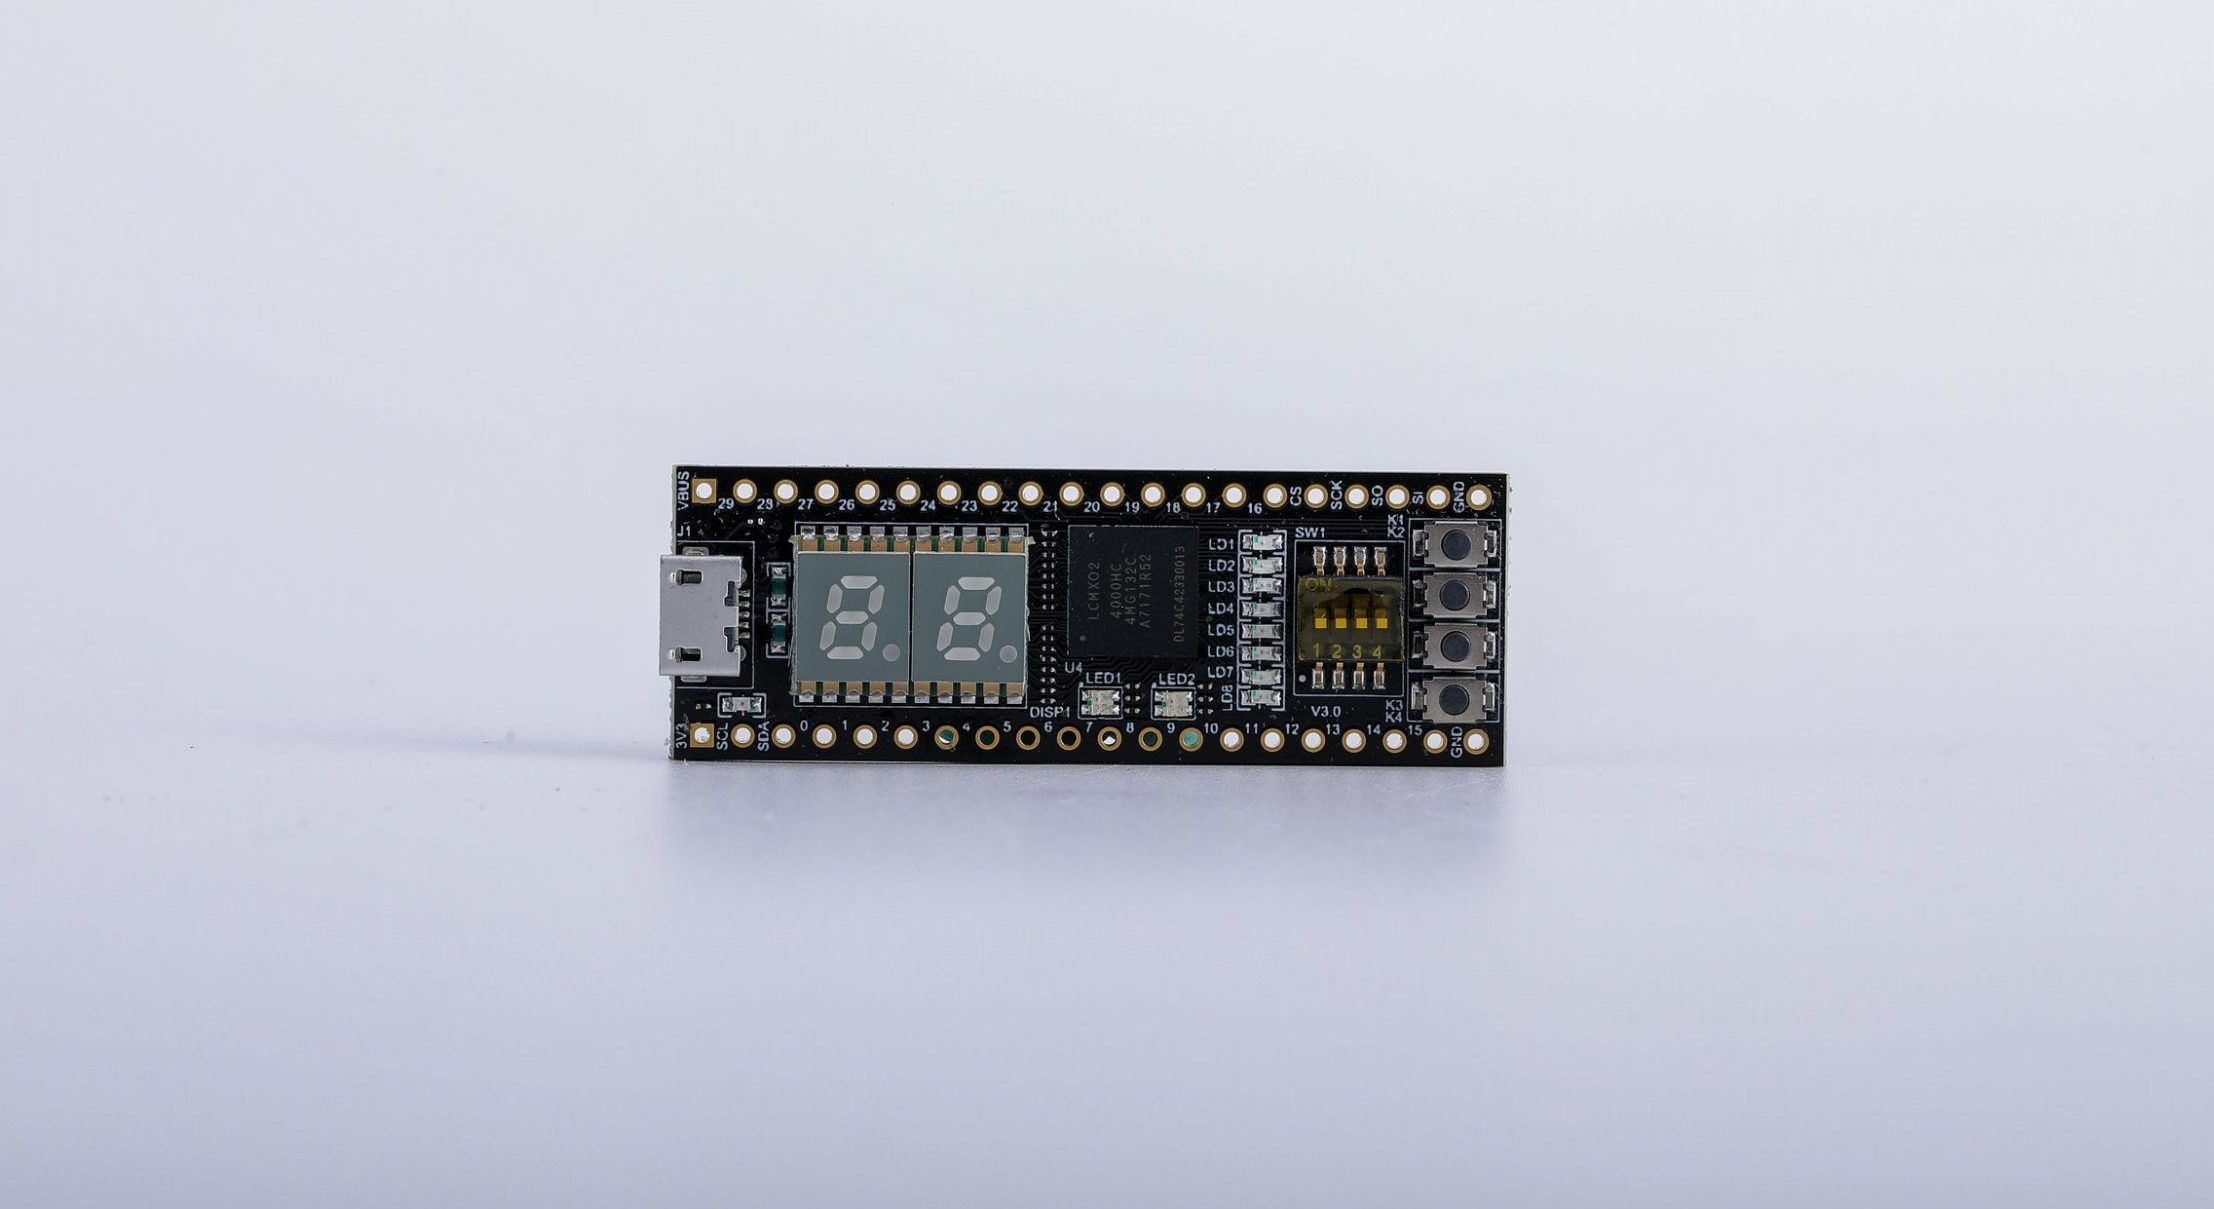 STEP-MXO2 FPGA Development Board for Educational Learning